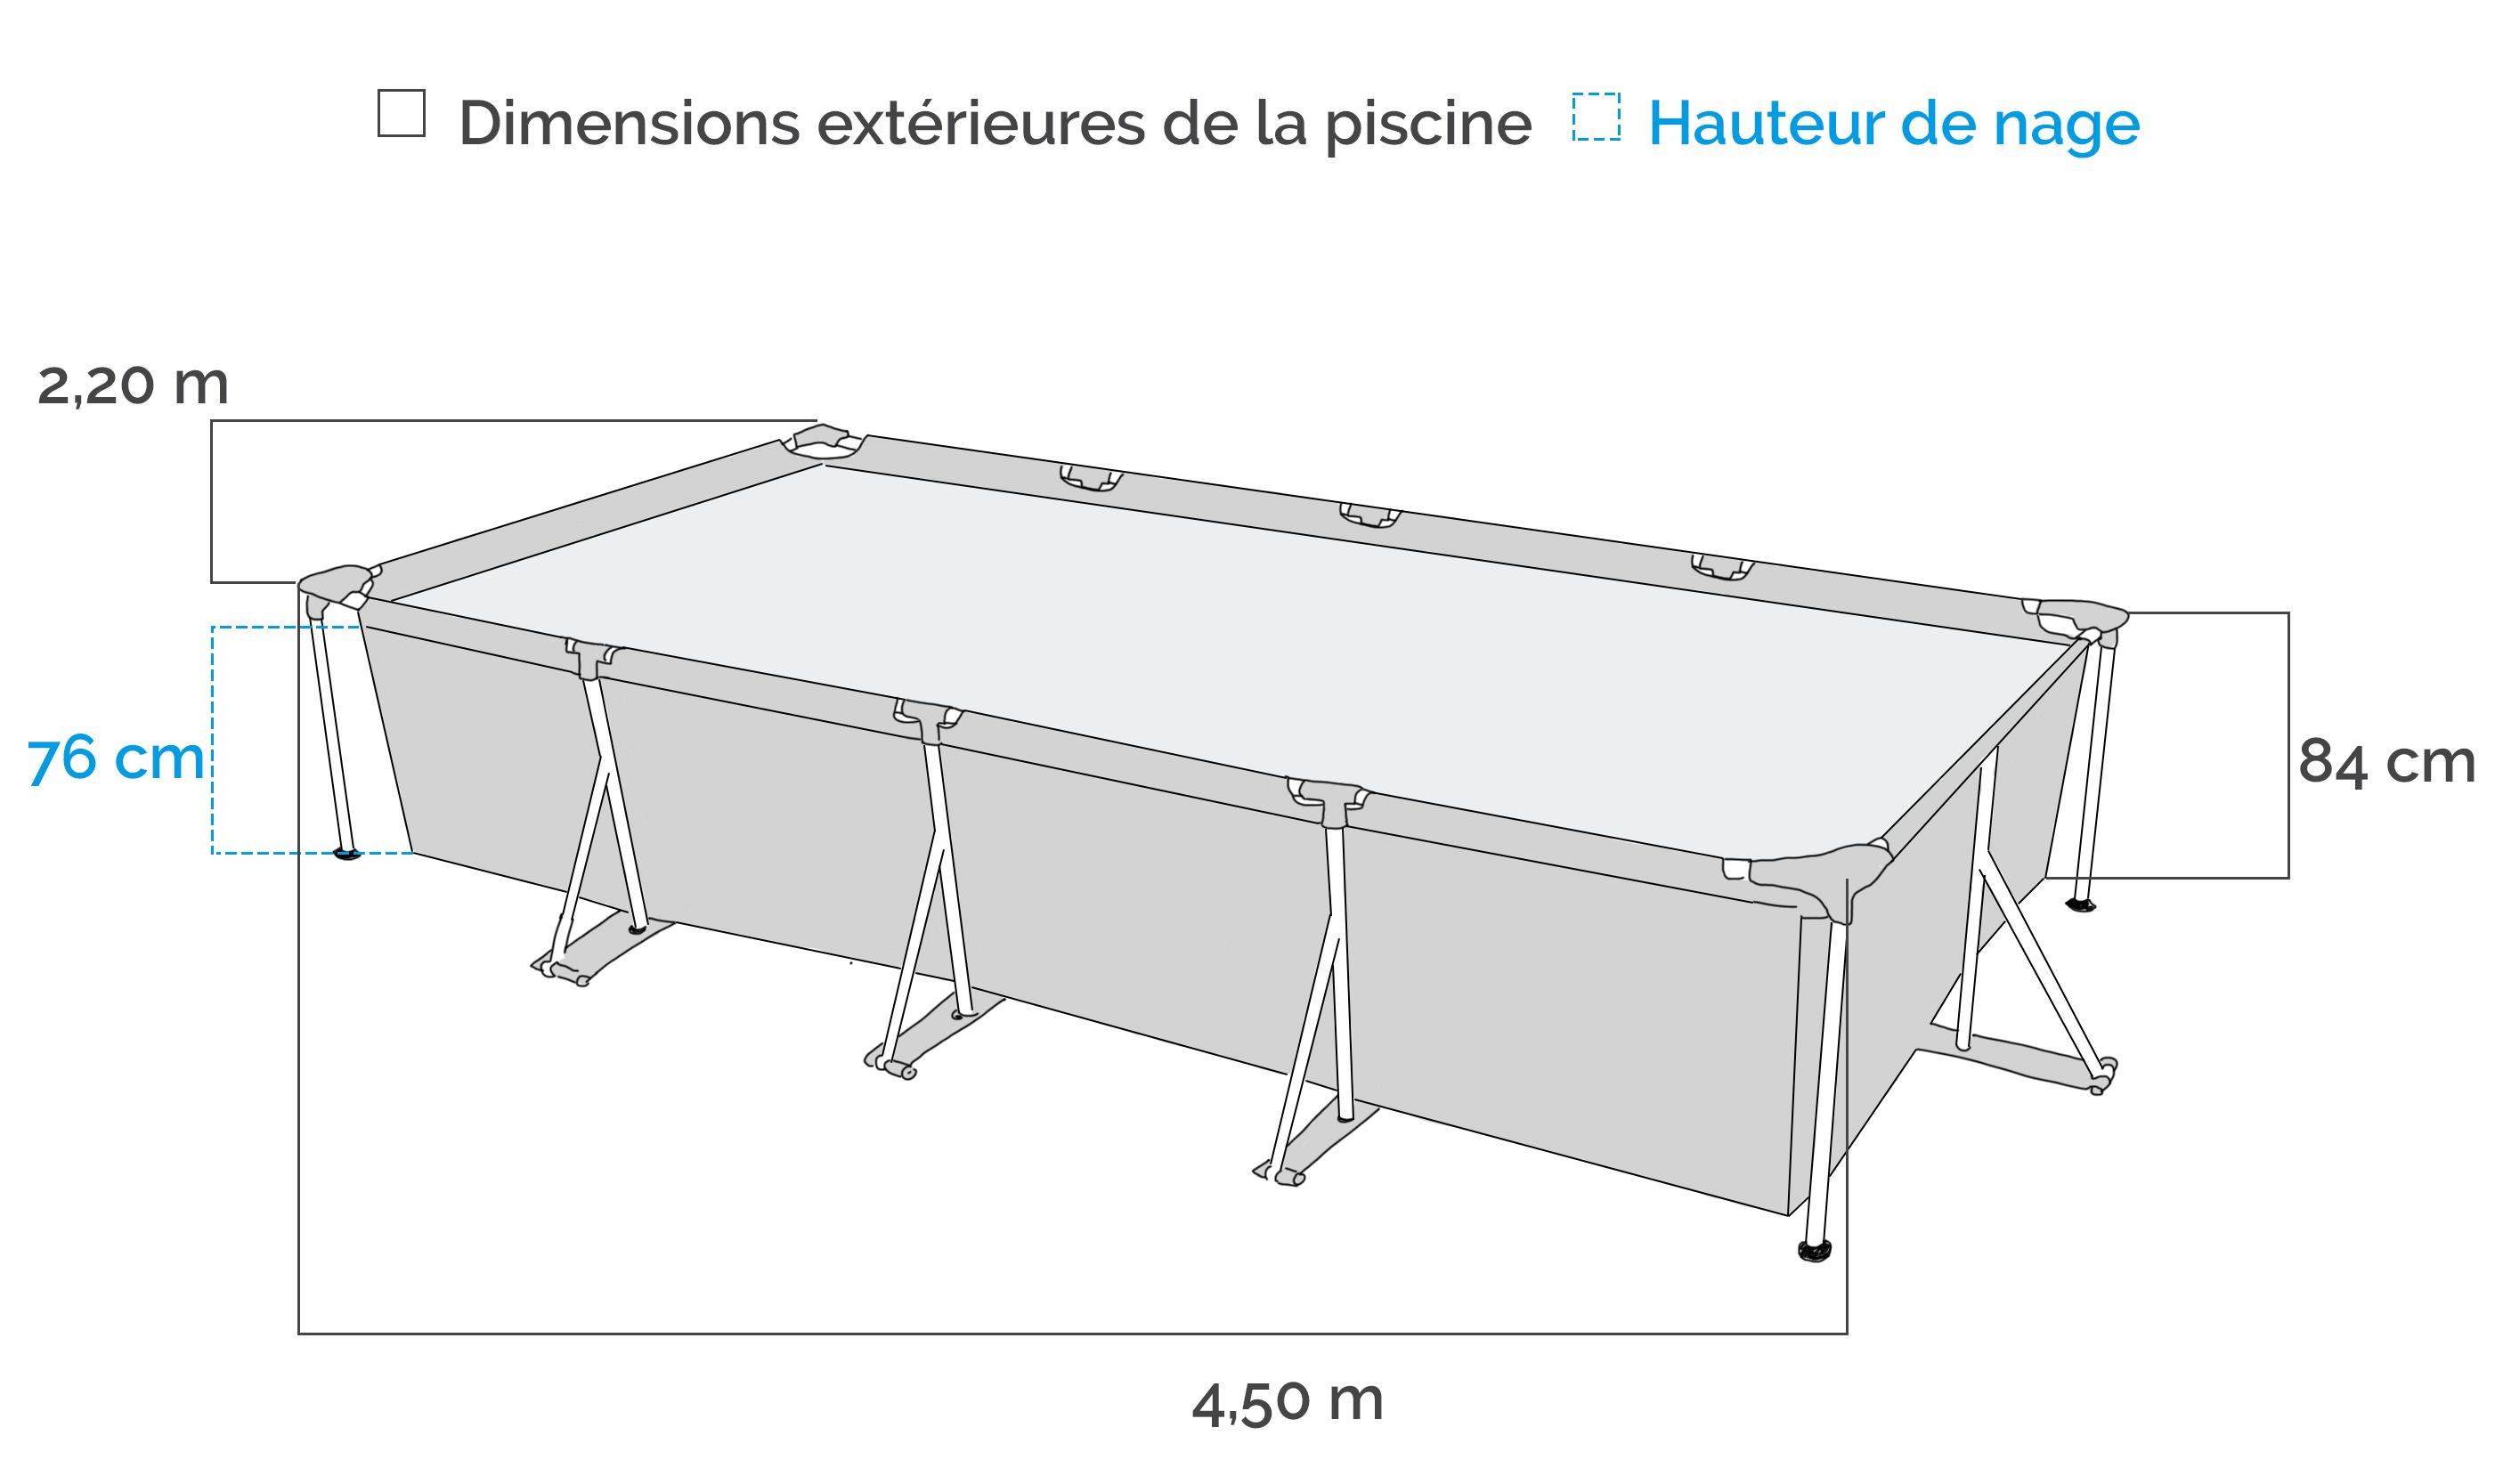 Aspirateur Piscine Hors sol Élégant Photos Les 25 Nouveau Skimmer Pour Piscine Hors sol Galerie